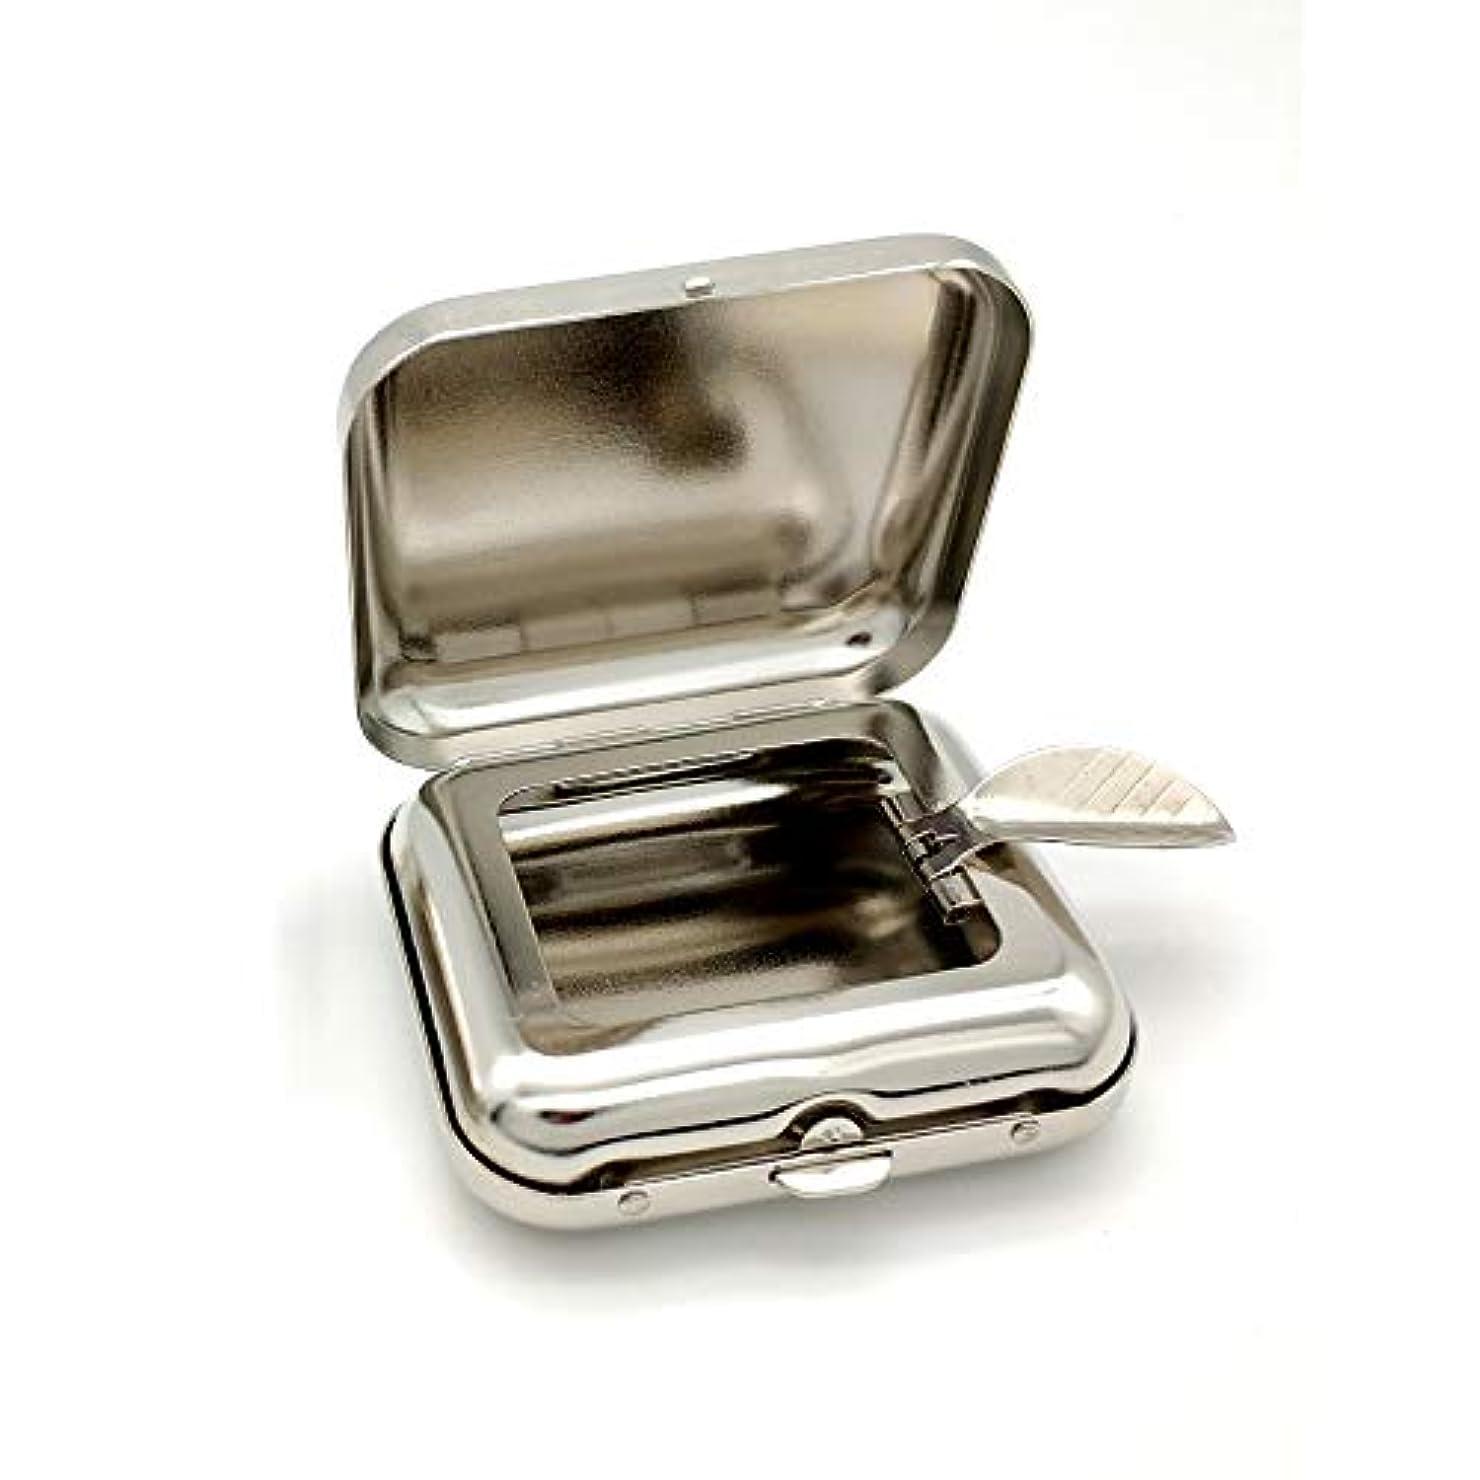 モザイク分泌する合併自動ポップアップ灰皿の金属の携帯用灰皿が付いている小型正方形の灰皿の緑のポケット